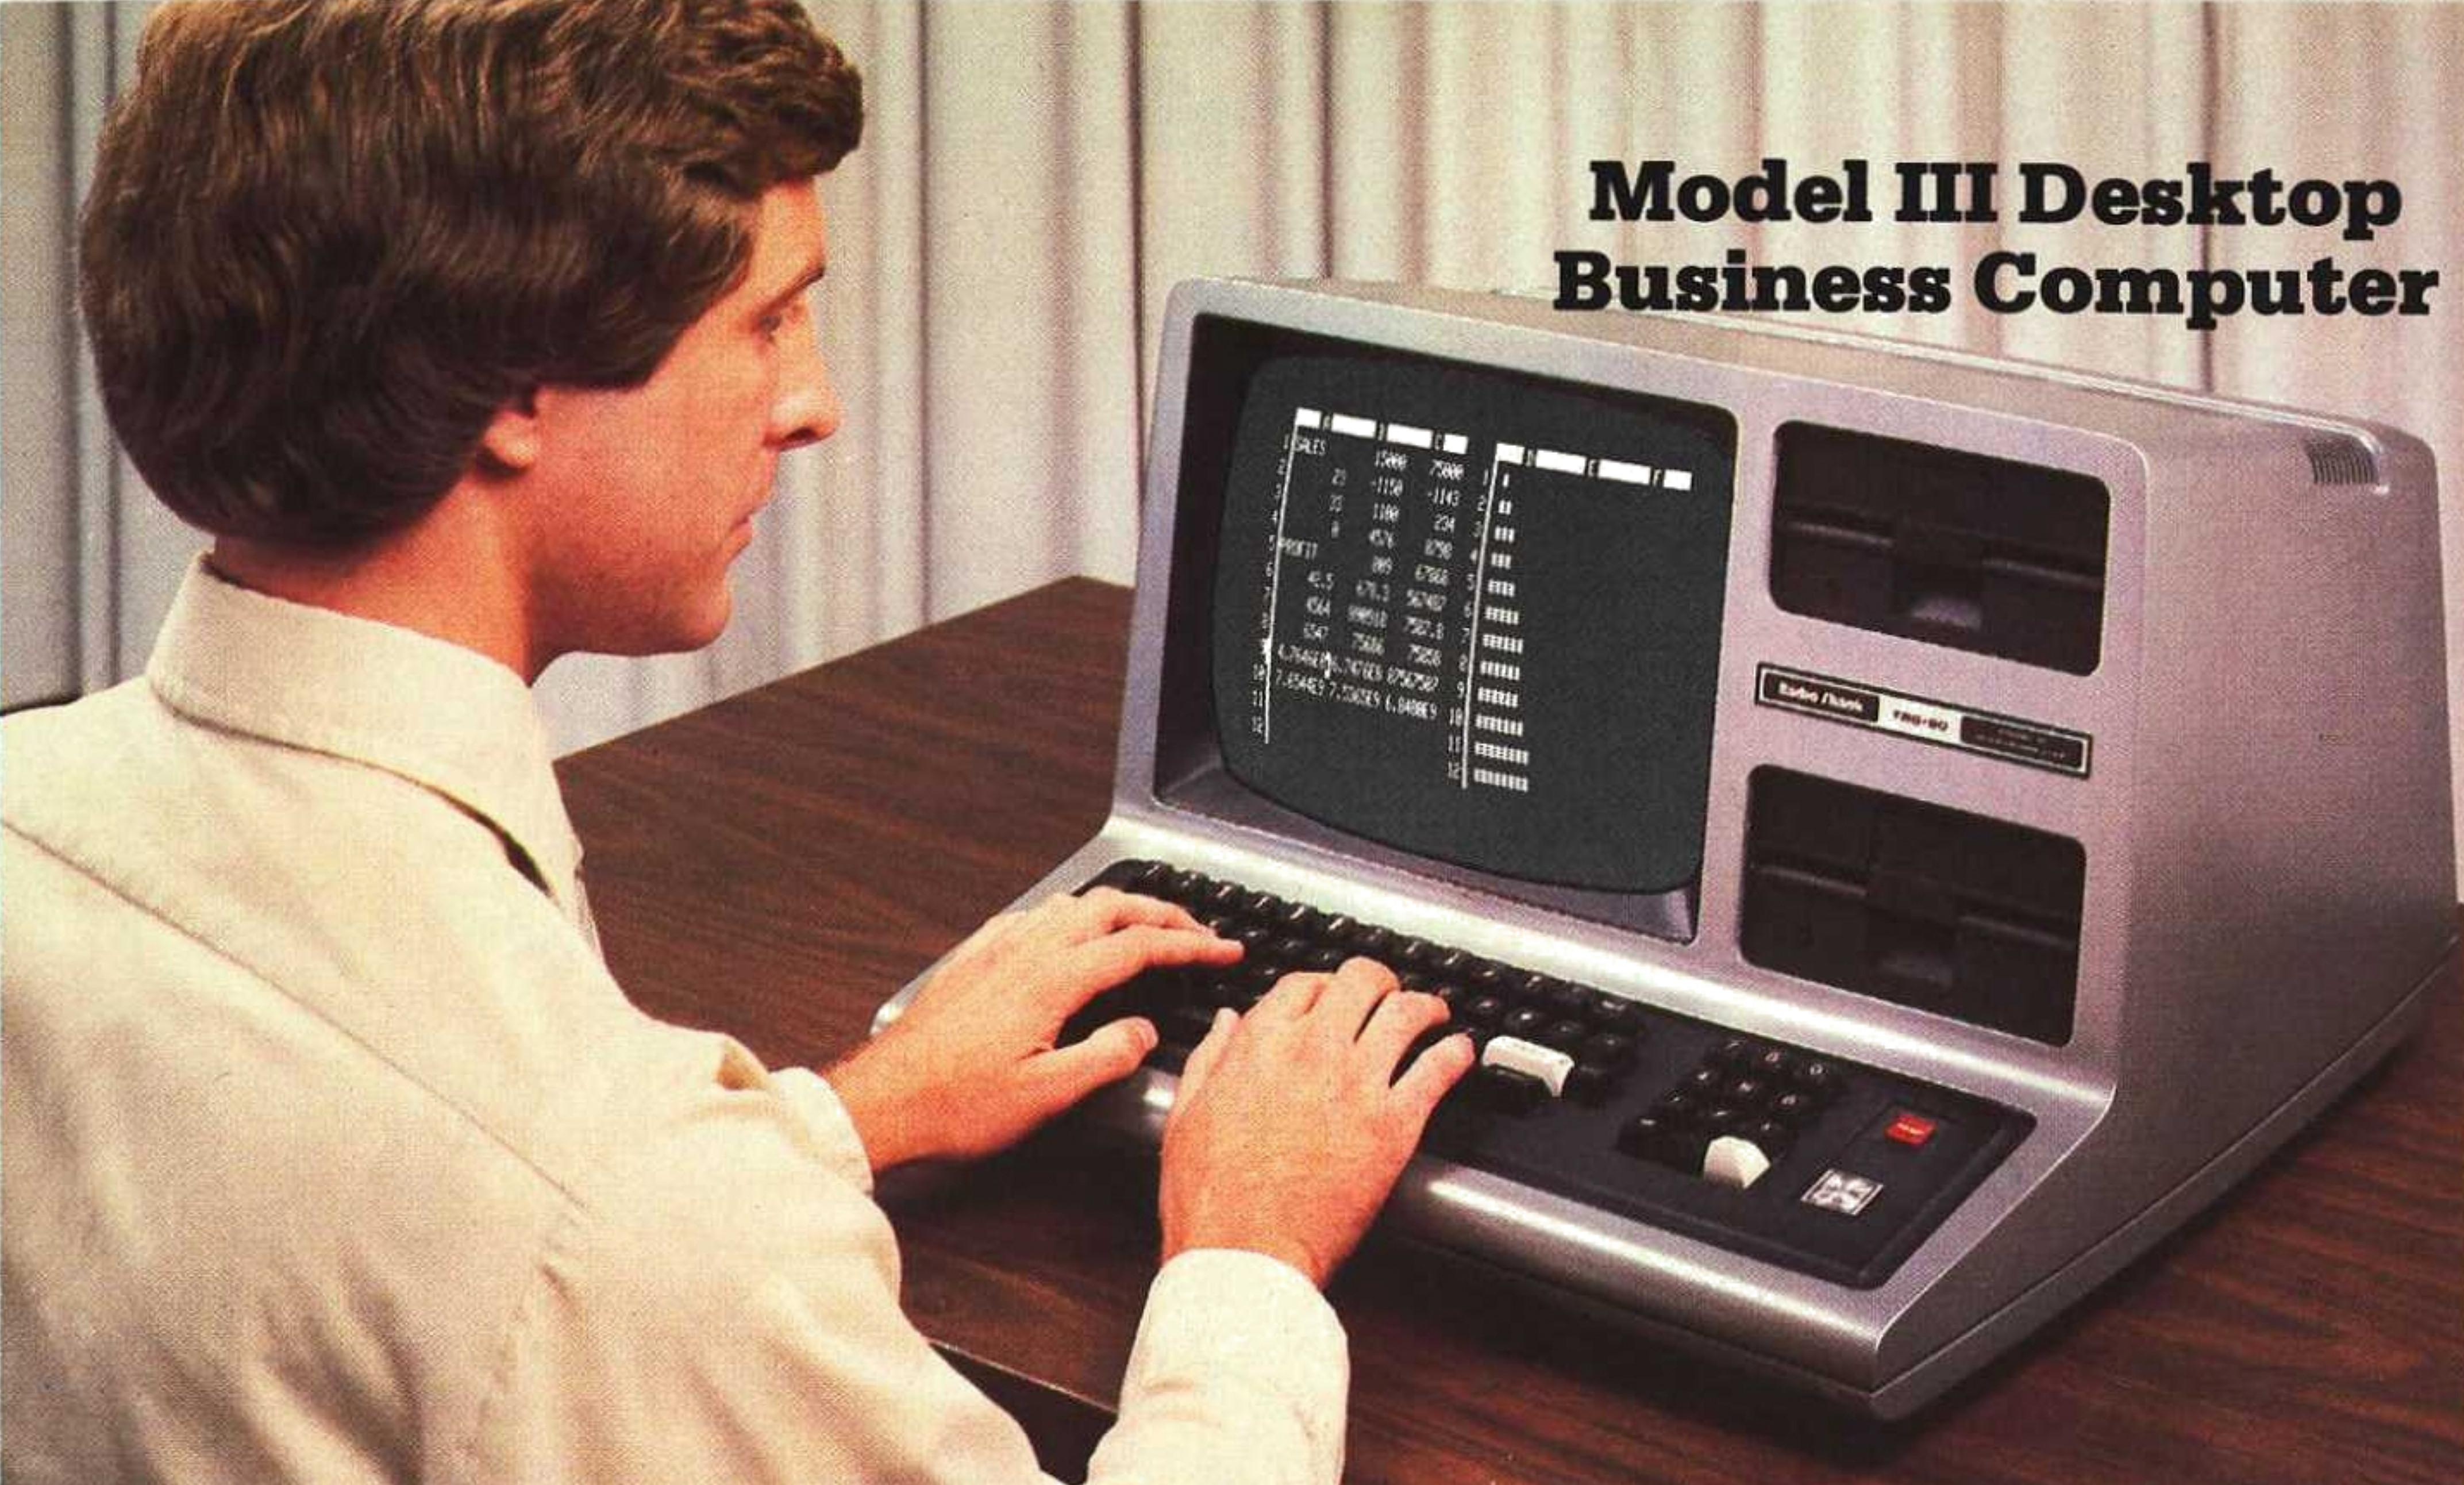 [Model III Business Desktop Computer]